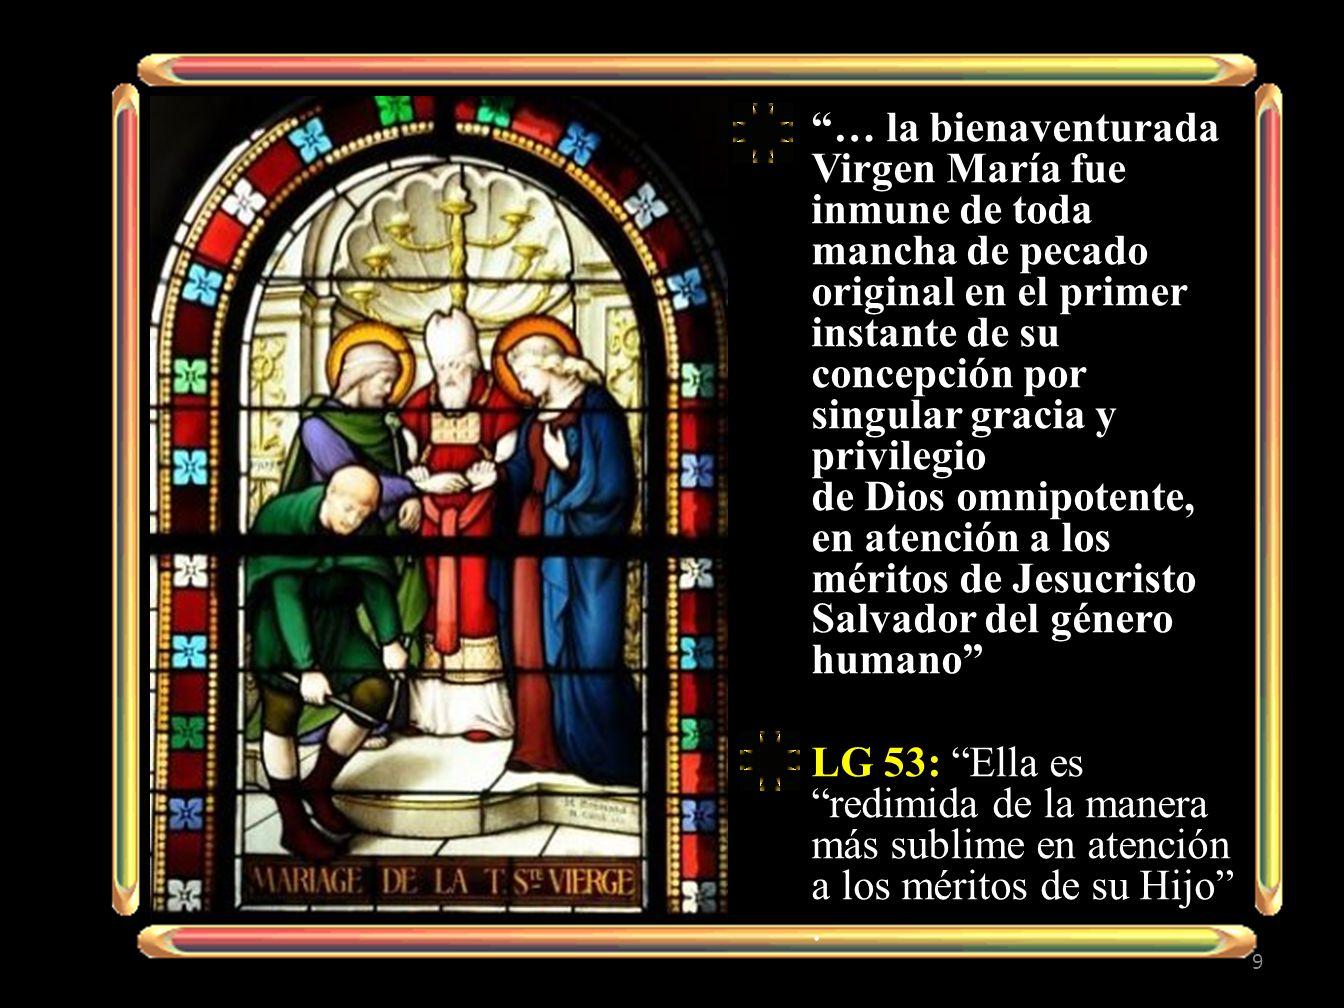 … la bienaventurada Virgen María fue inmune de toda mancha de pecado original en el primer instante de su concepción por singular gracia y privilegio de Dios omnipotente, en atención a los méritos de Jesucristo Salvador del género humano